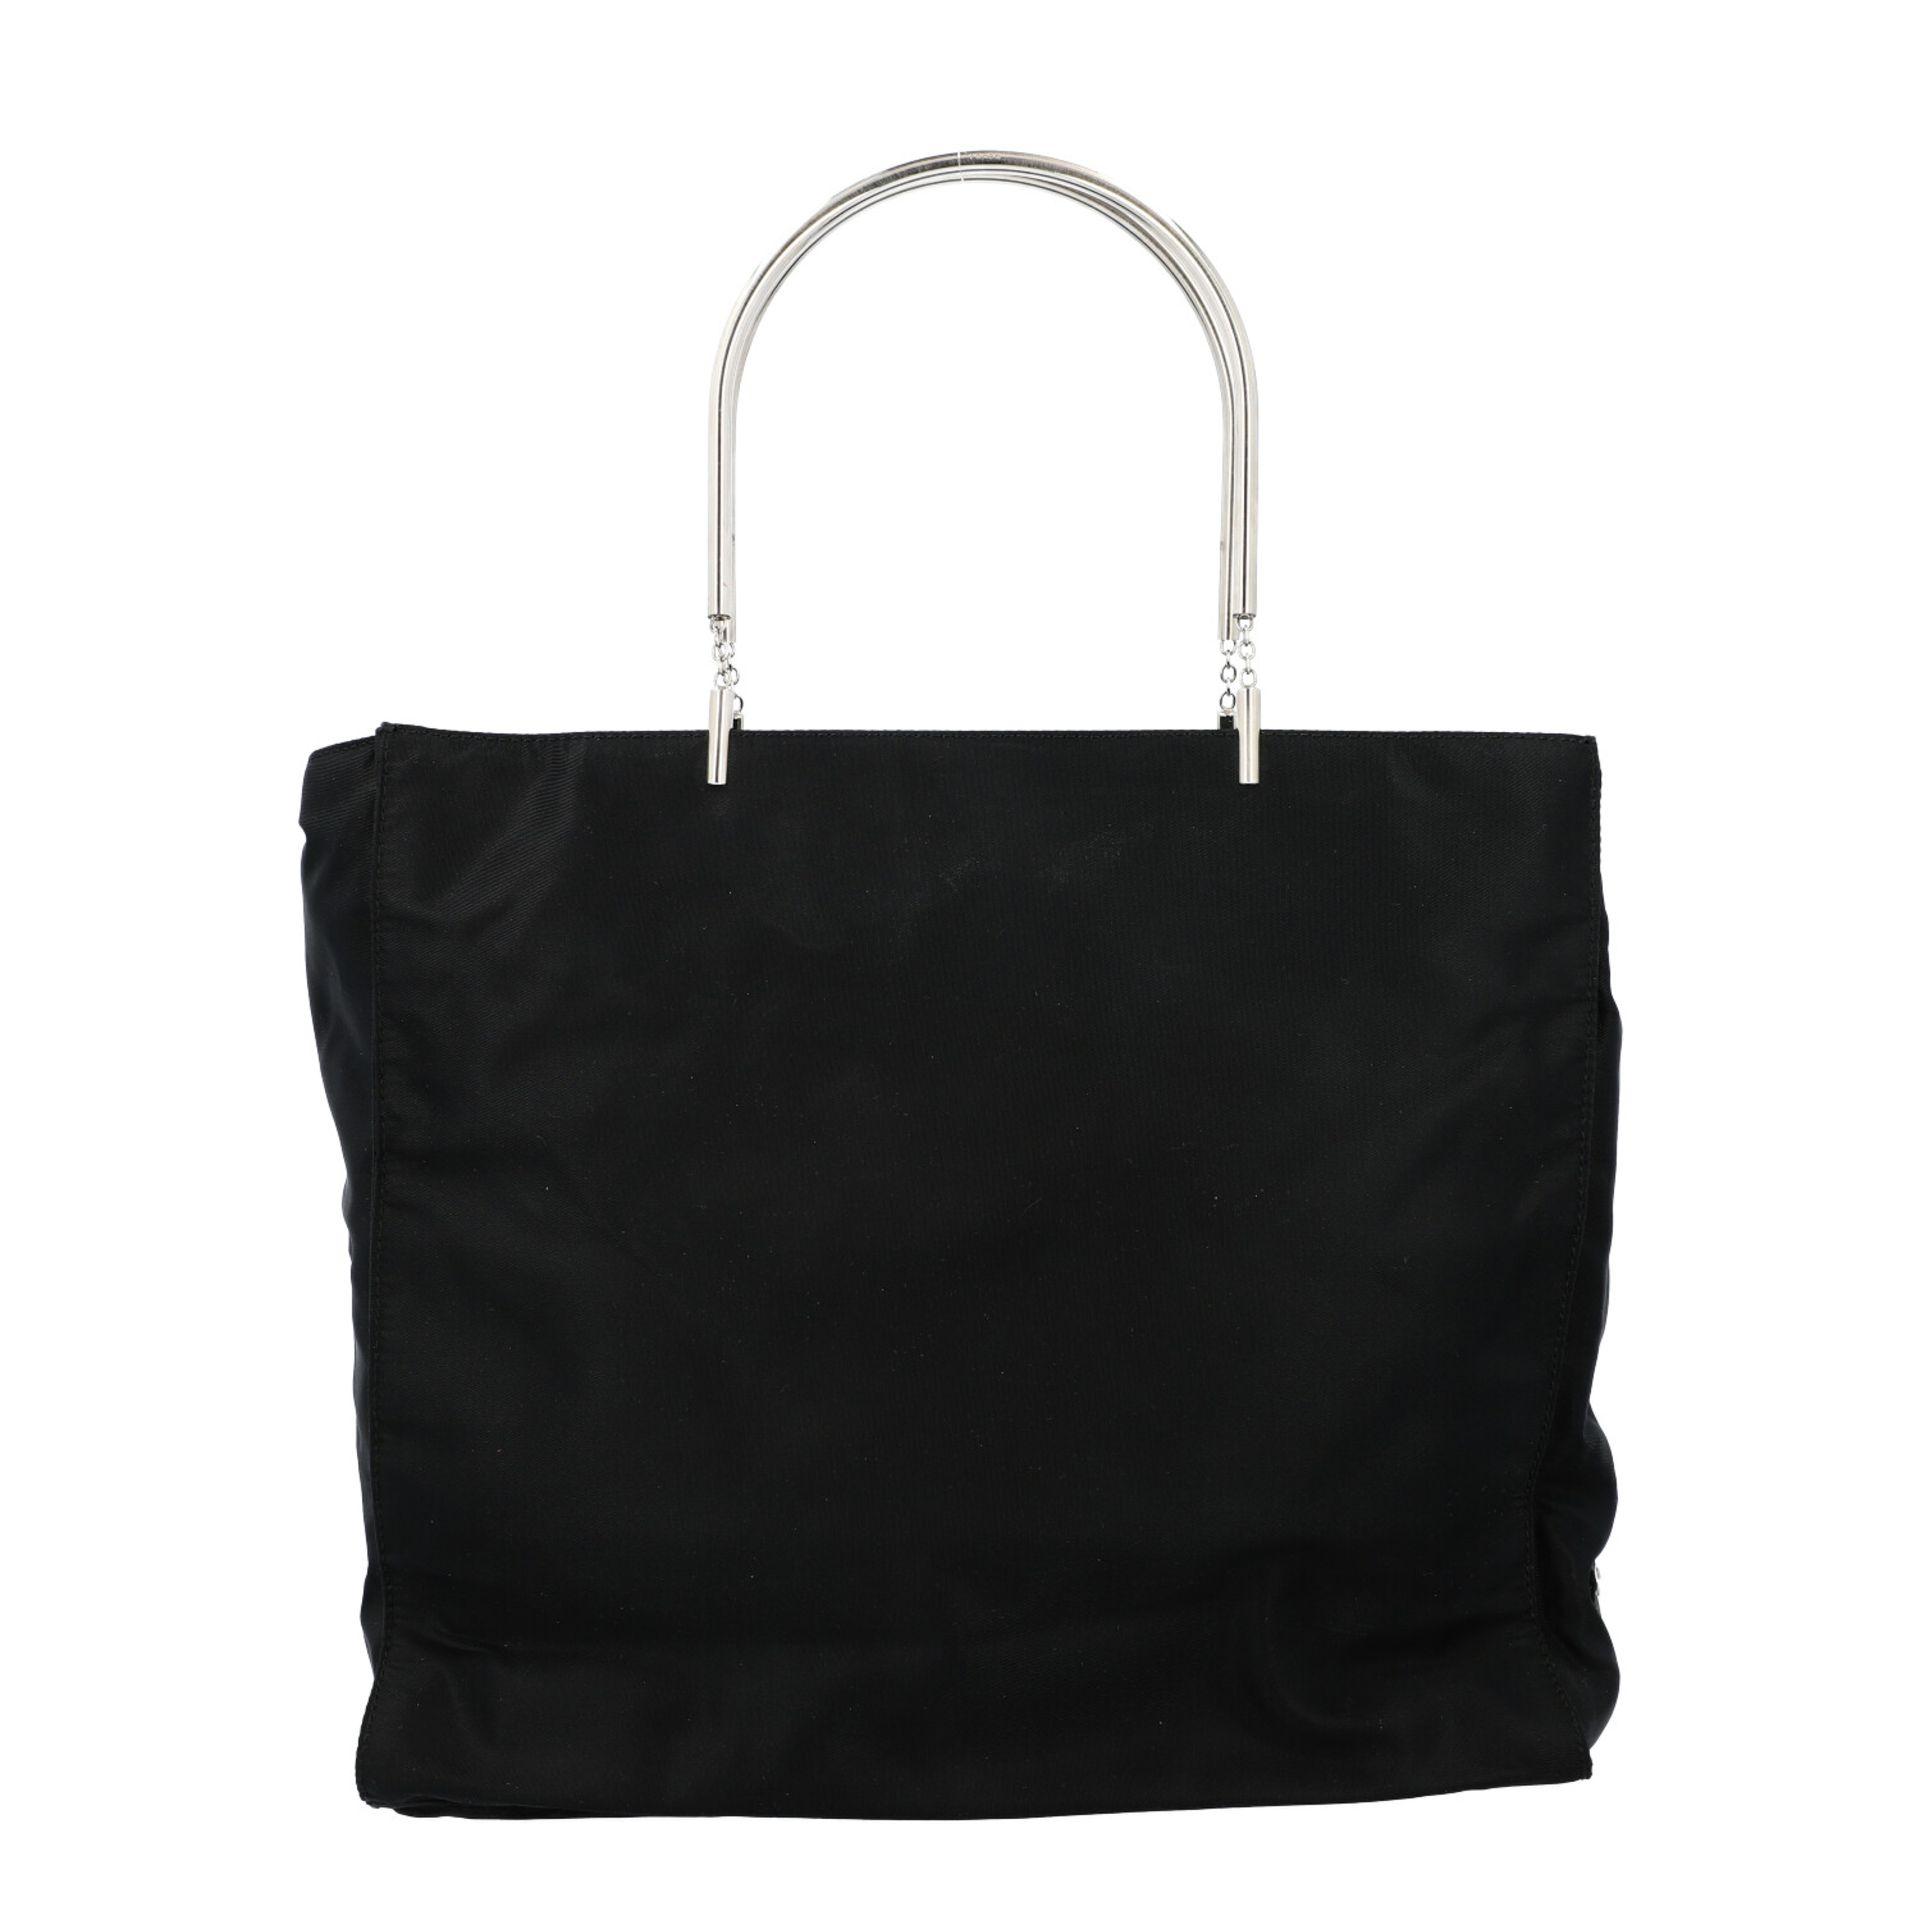 PRADA Henkeltasche. Modell aus schwarzem Nylon mit silberfarbenen Doppelhenkln aus Met - Image 4 of 7